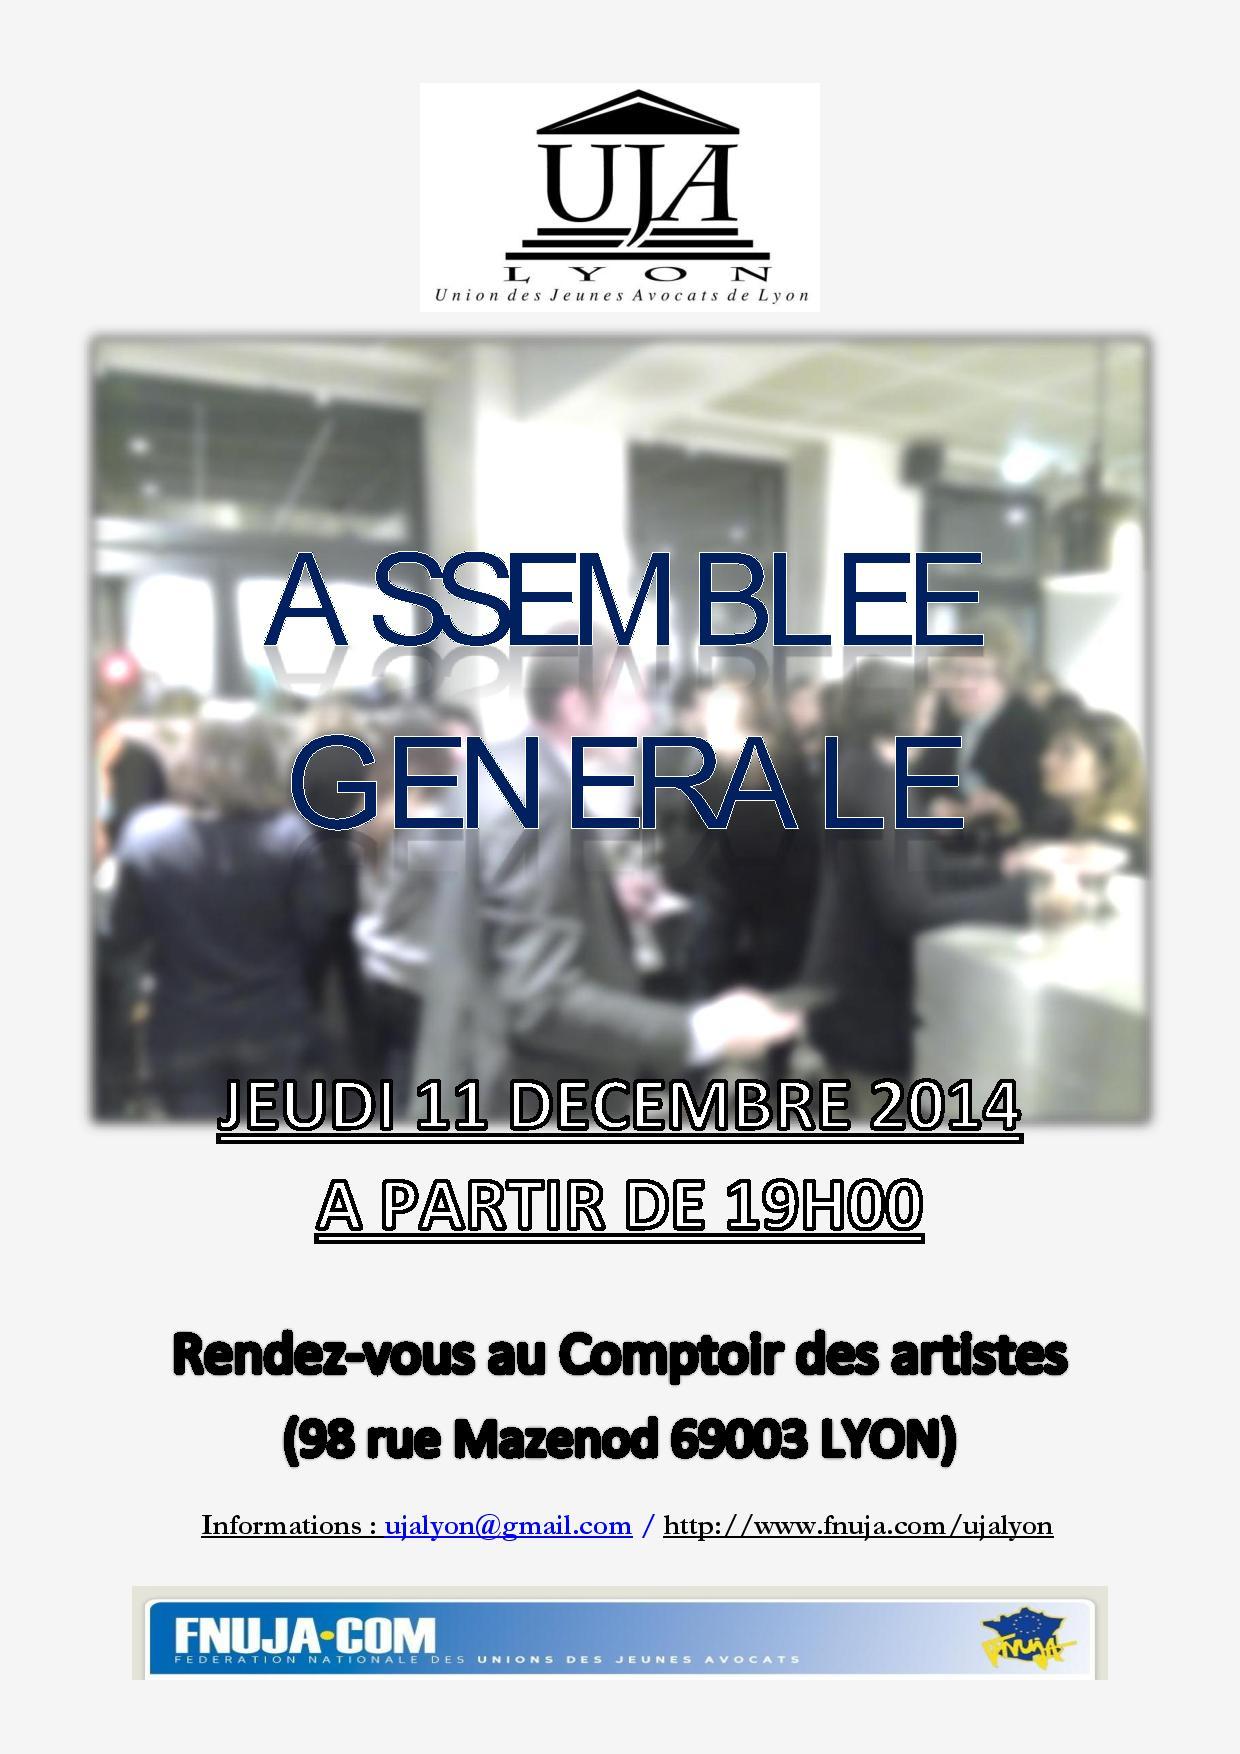 Assemblée générale de l'UJA le 11 décembre 2014